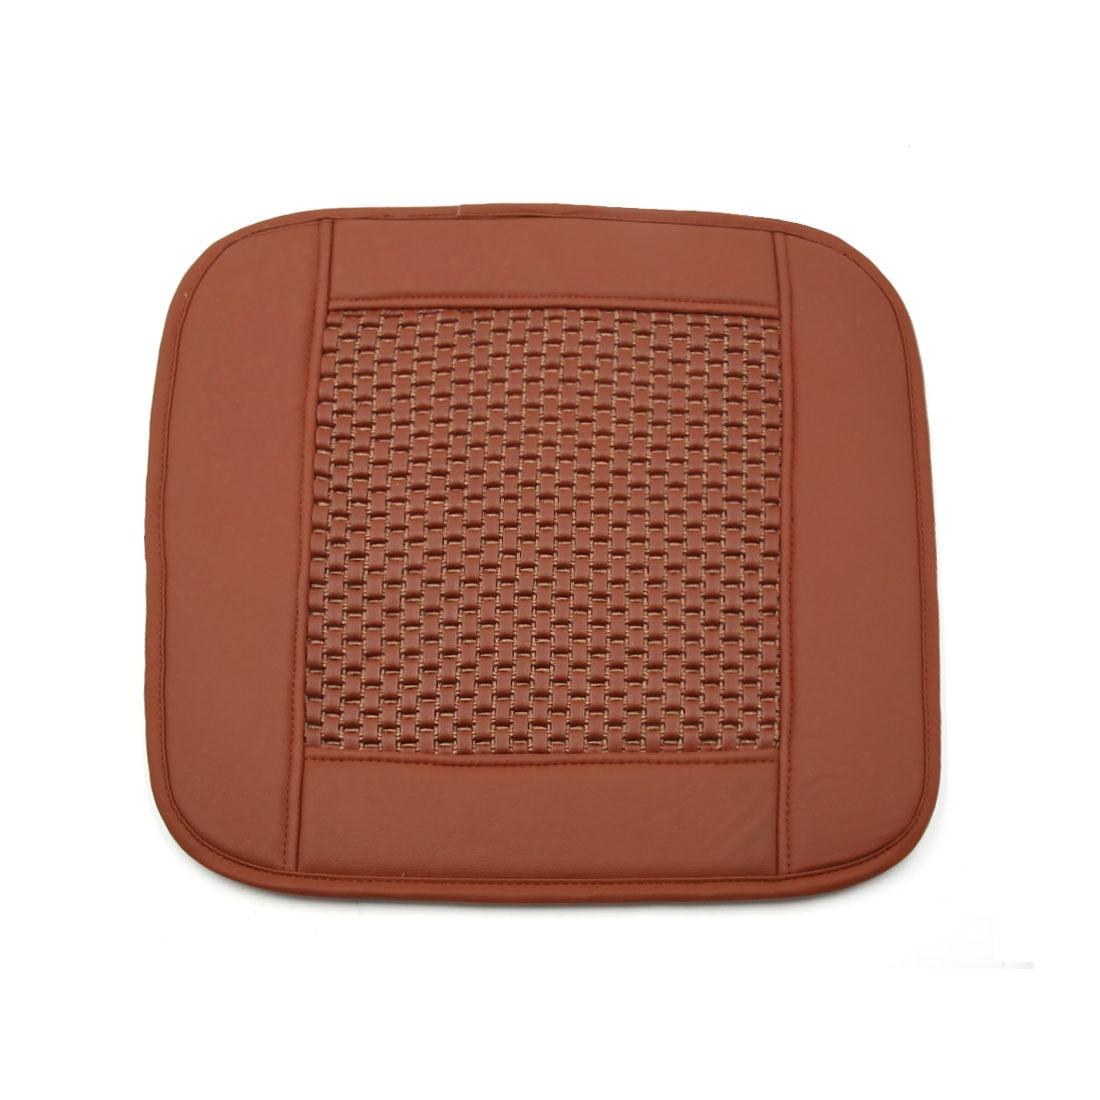 Orange Square Shaped PU Leather  Cushion Cover Pad for Car Automobile